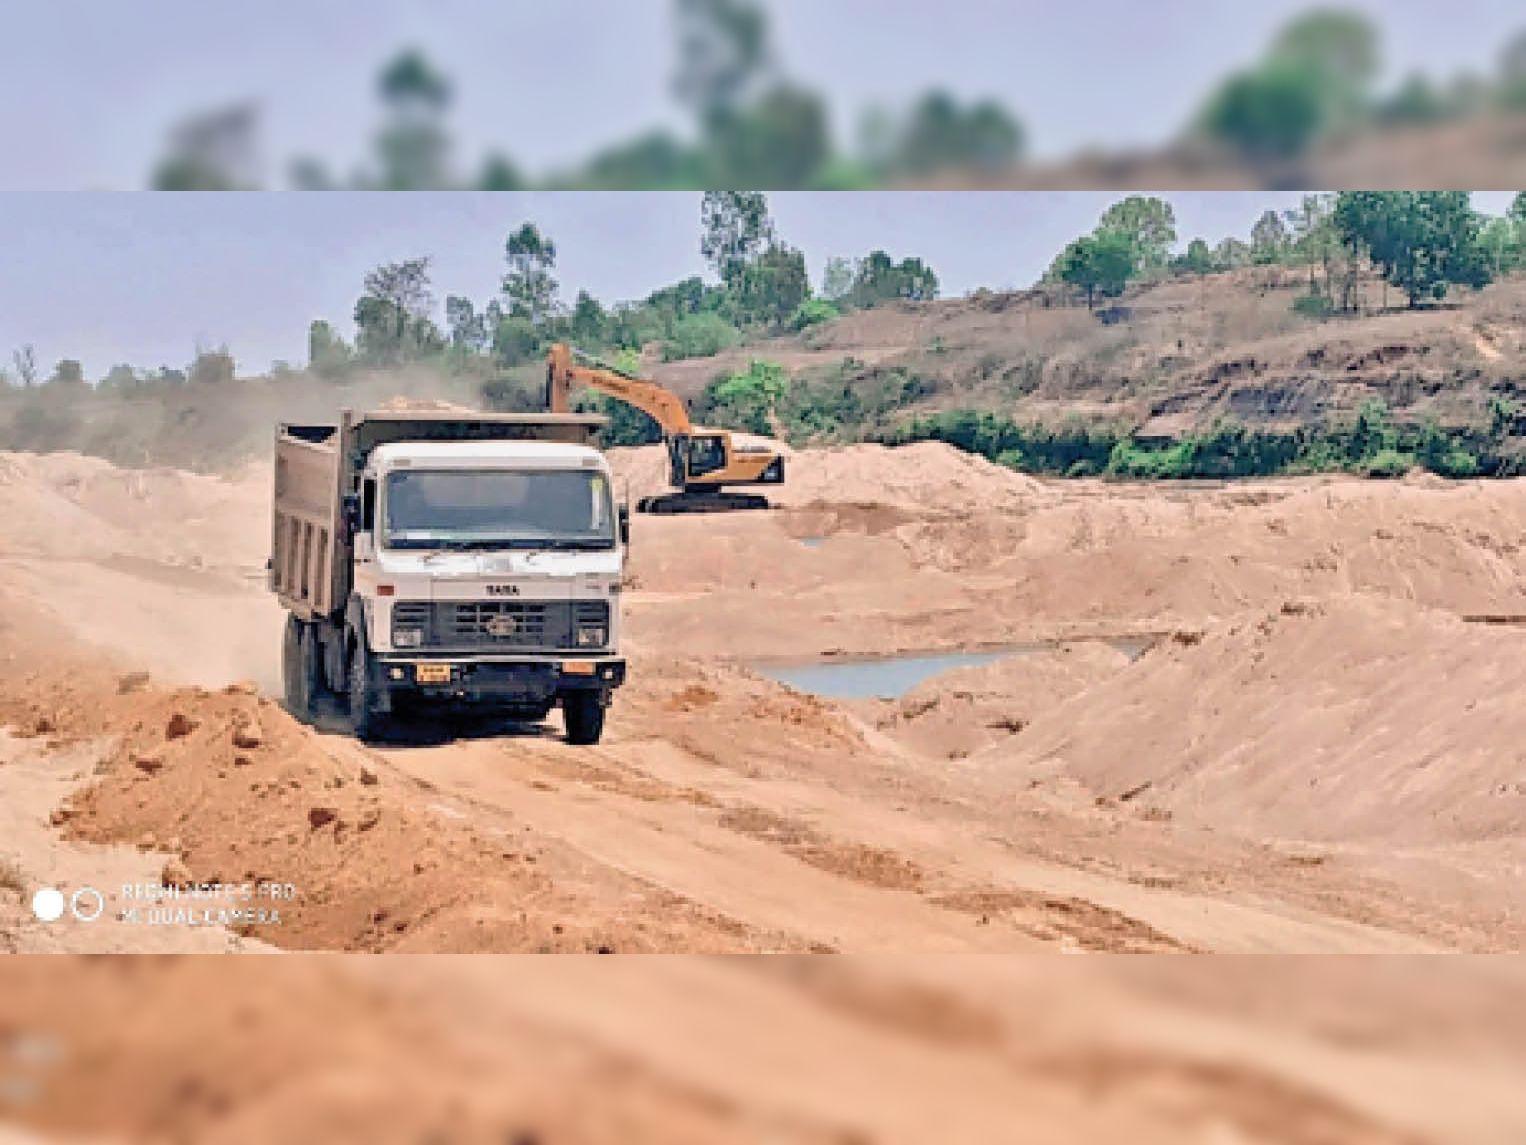 नदी से अवैध खनन करते हुए- इनसेट फर्जी पिट पास - Dainik Bhaskar